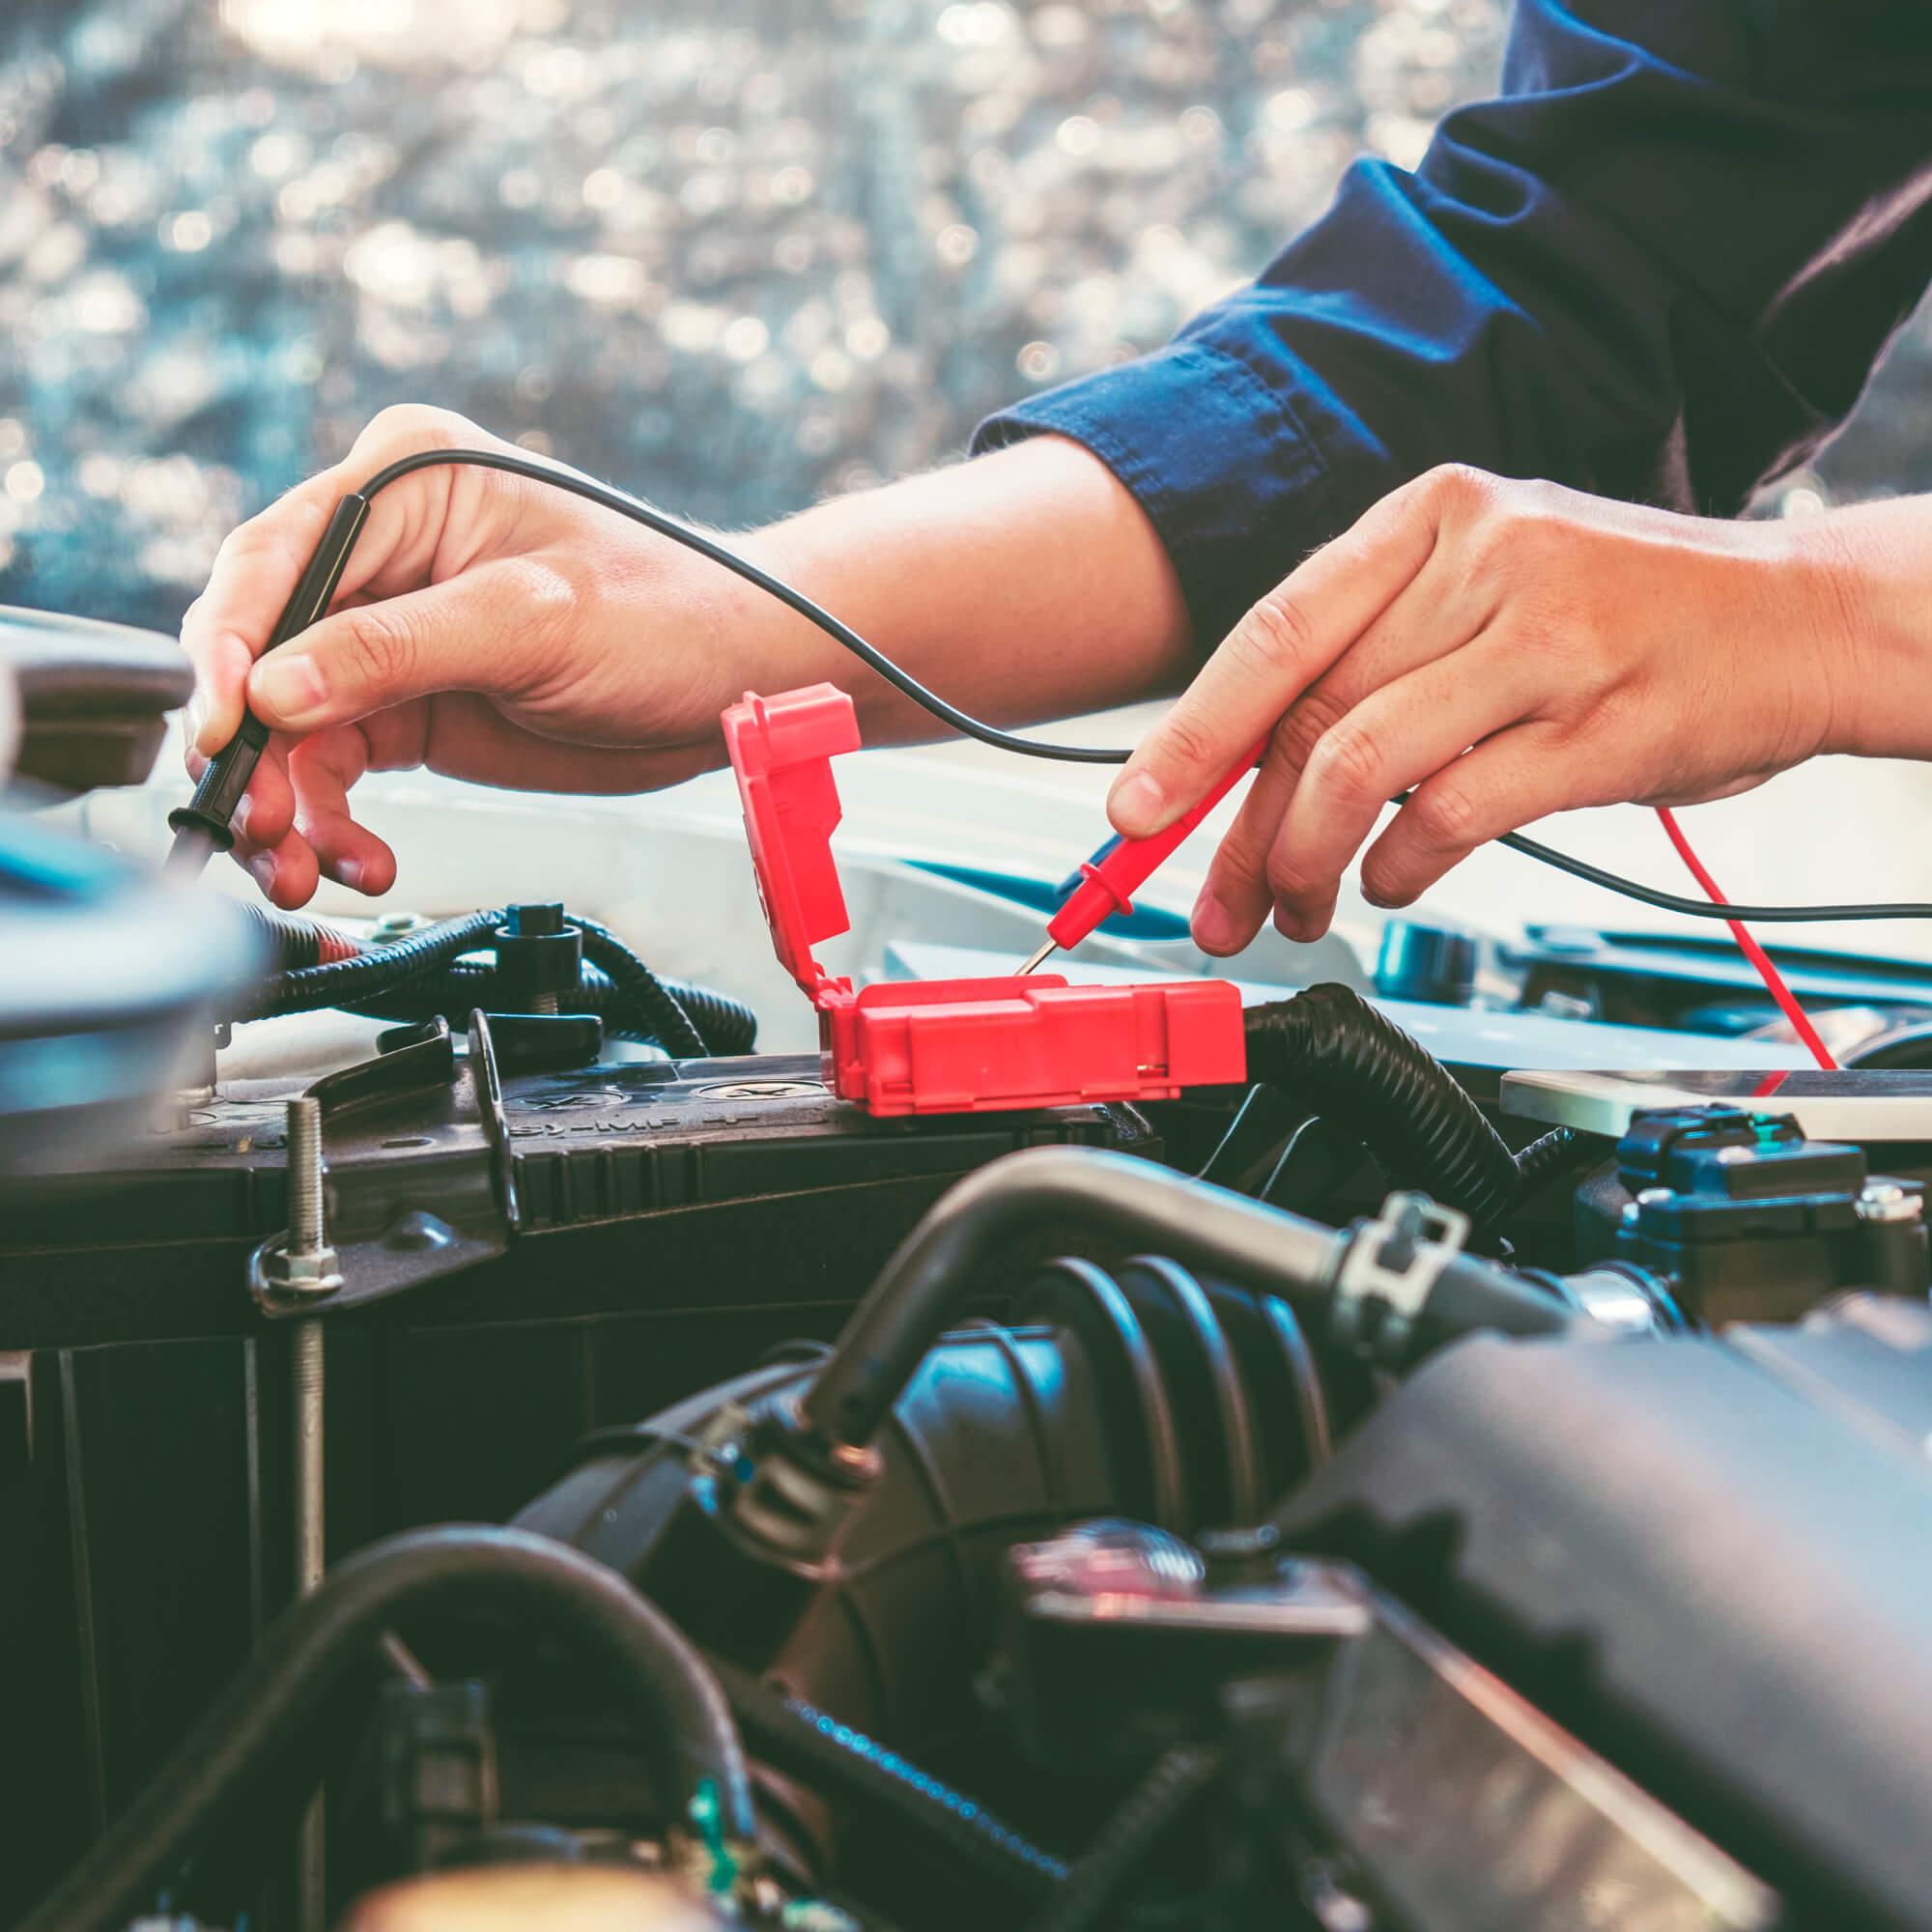 mantenimiento-sistemas-electricos-electronicos-vehiculos